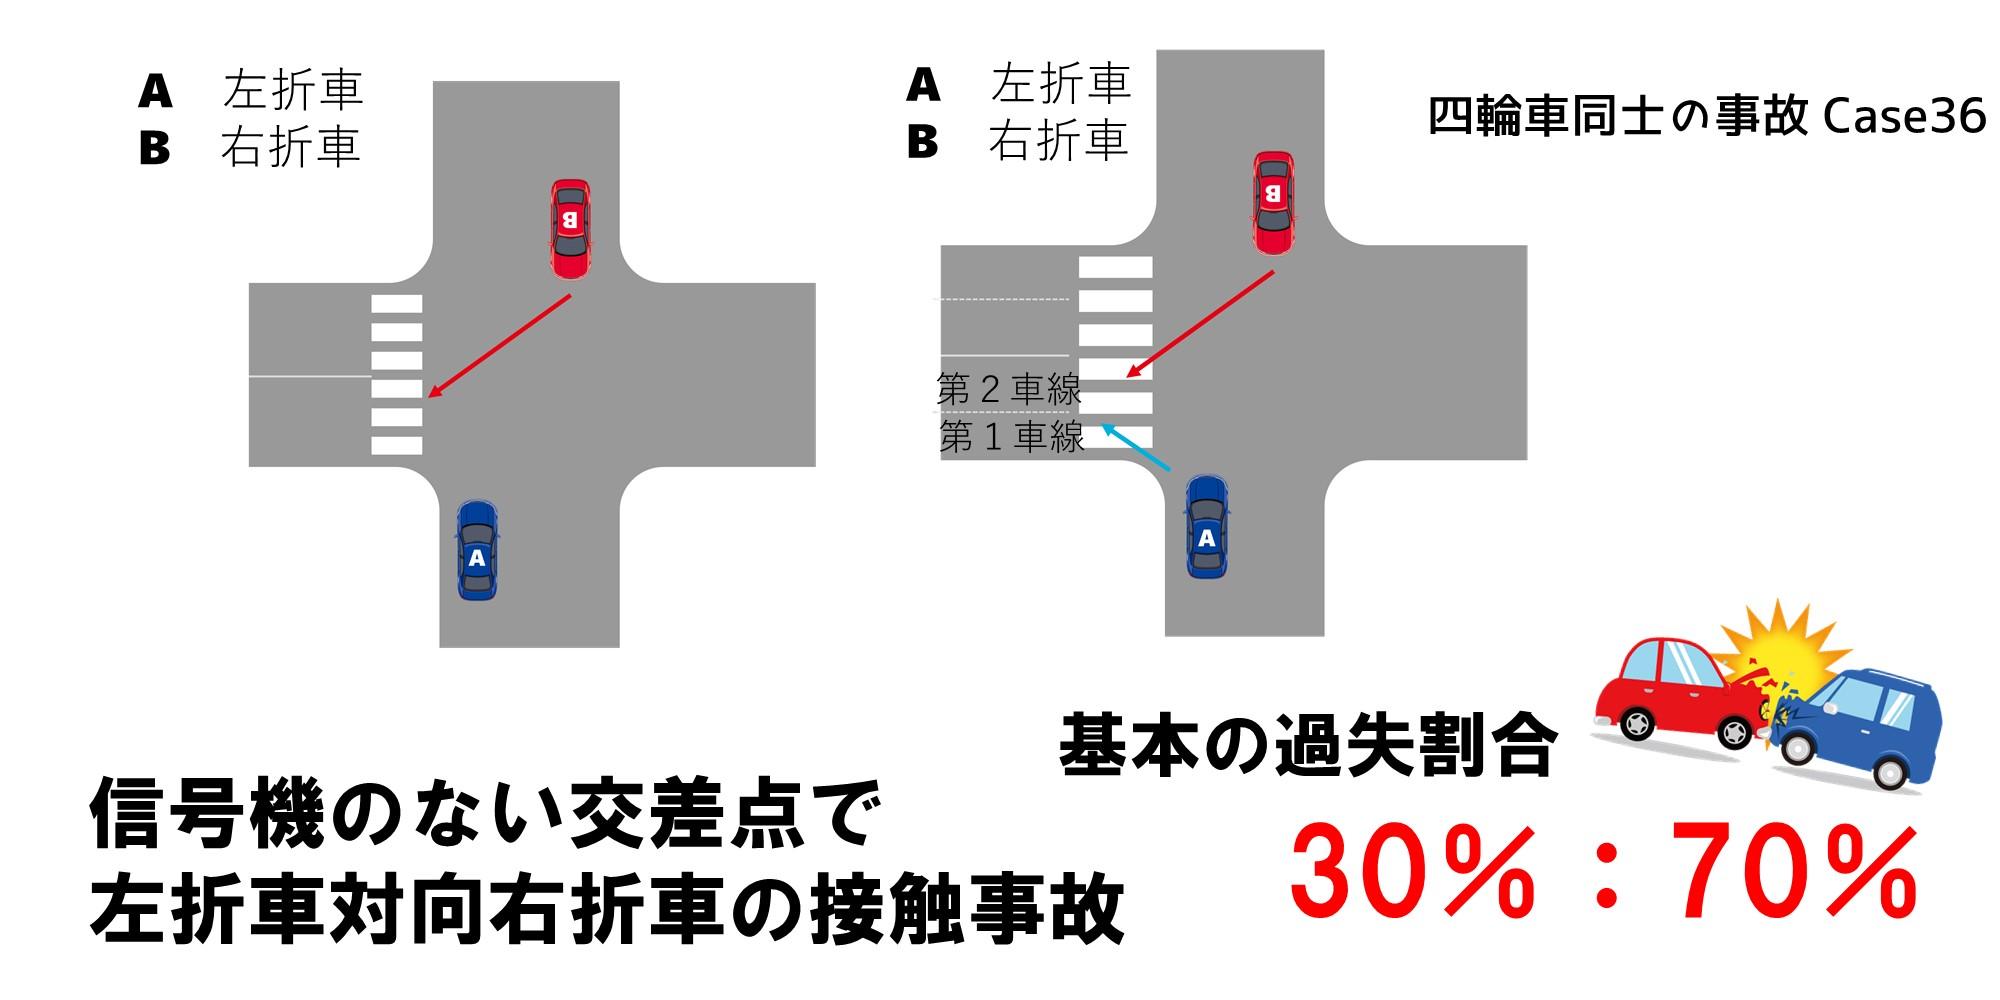 信号機のない交差点で左折車と対向右折車の交通事故における過失割合